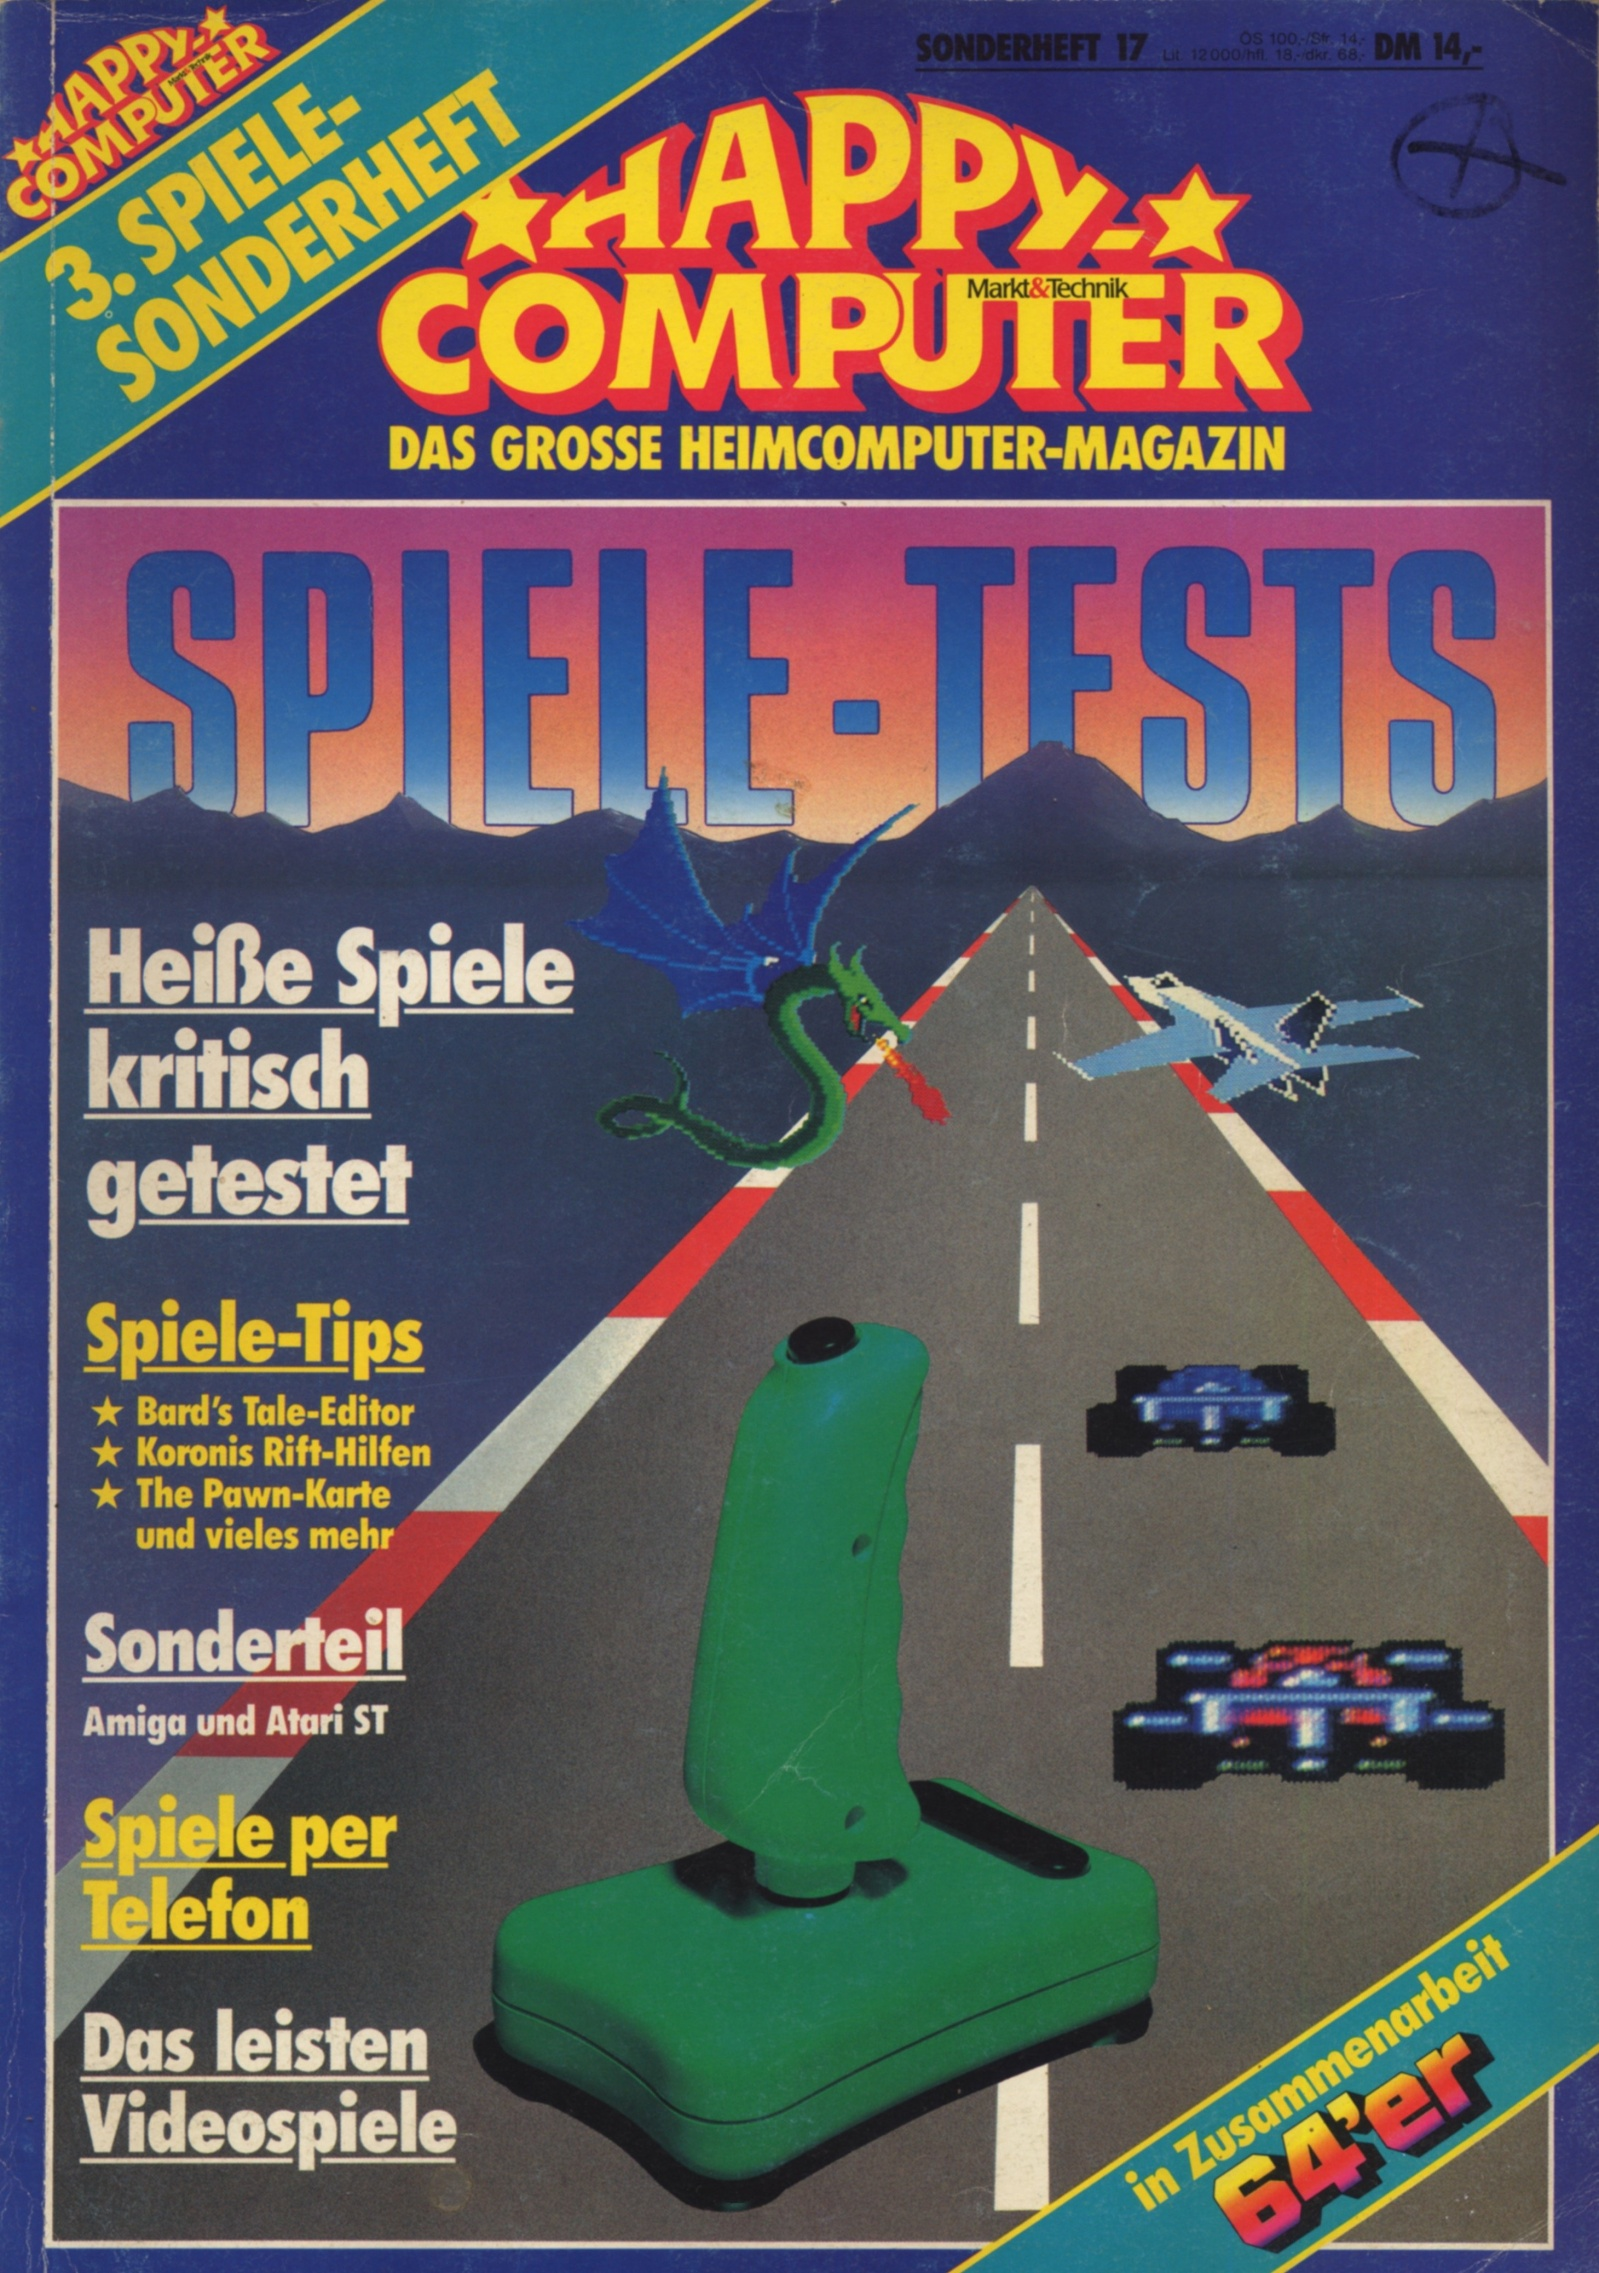 Тлетворное влияние: как Штази защищала Восточную Германию от видеоигр - 4